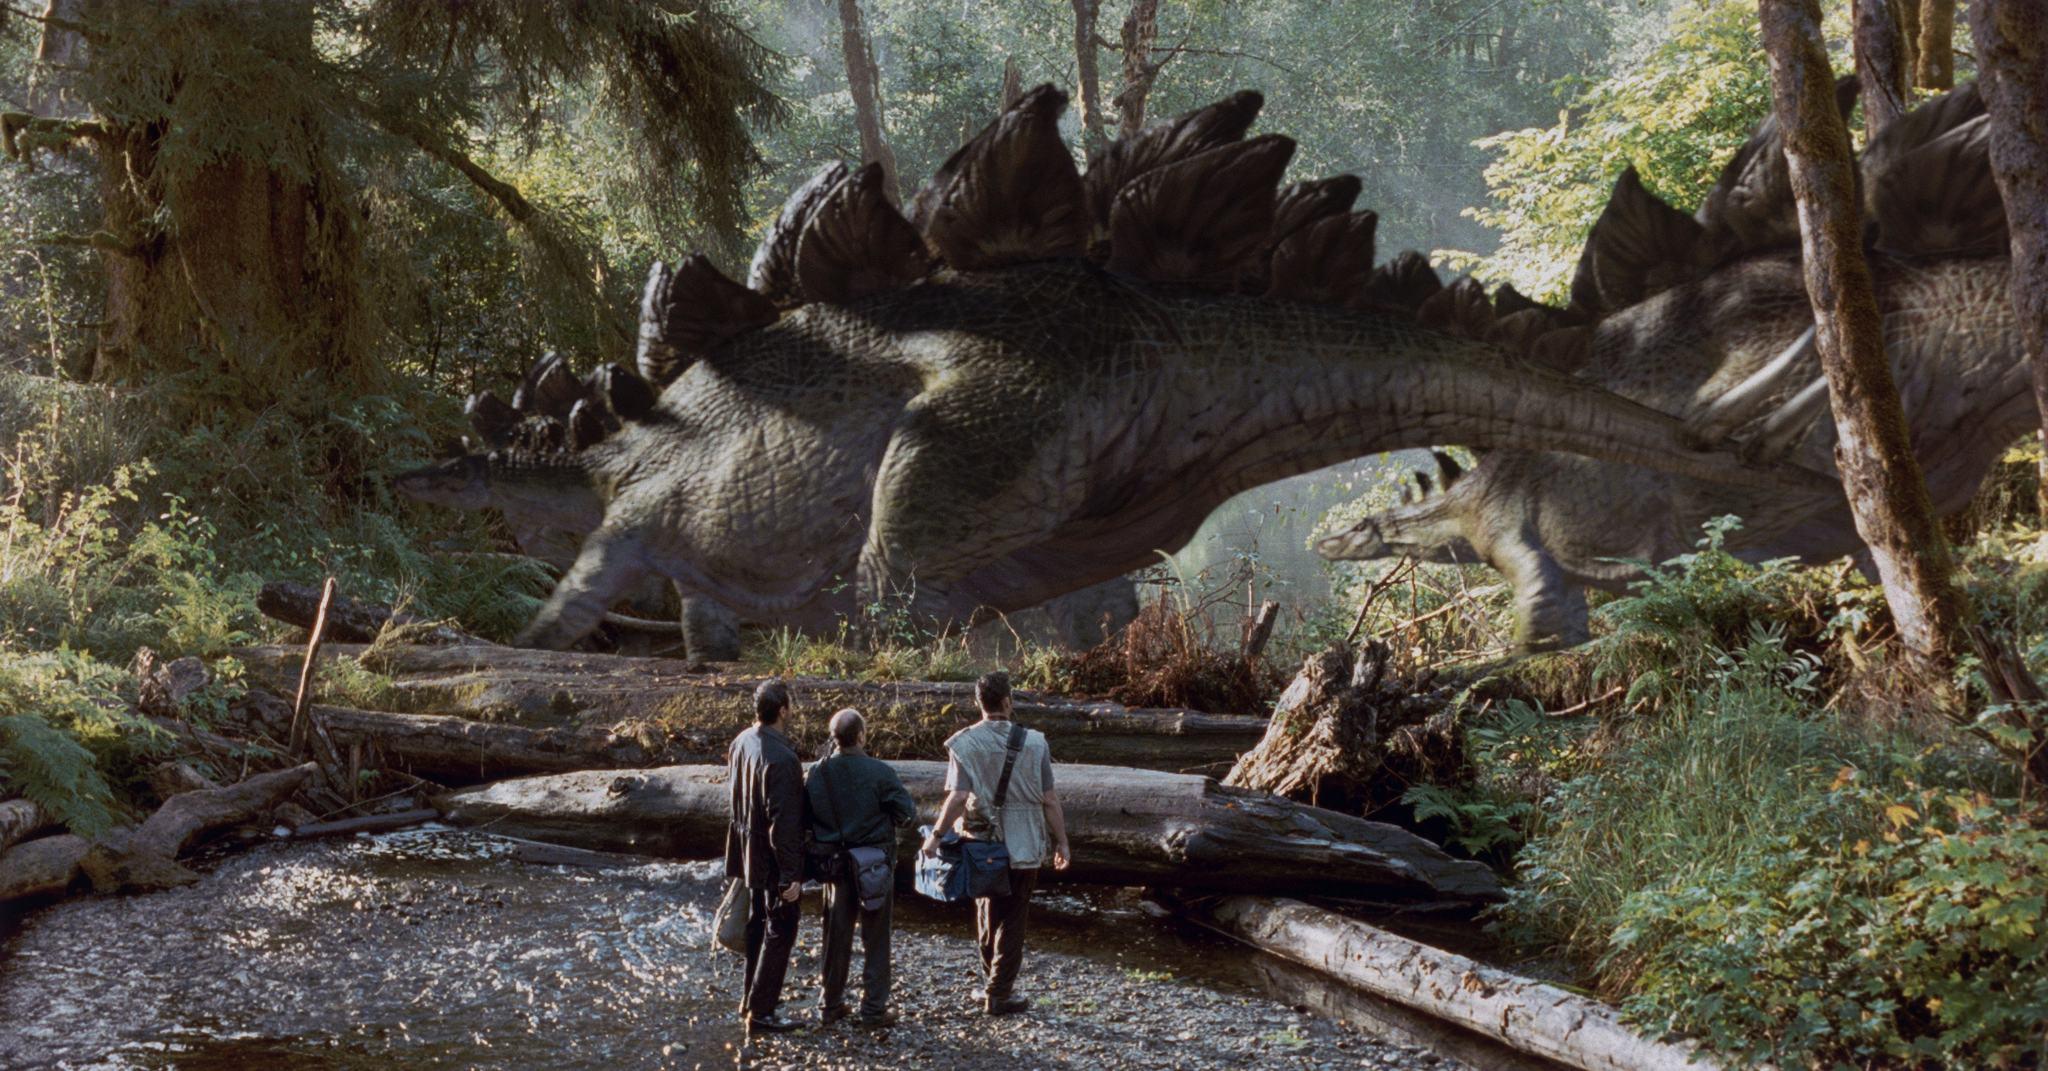 Il mondo perduto - Jurassic Park: gli Stegosauri del film